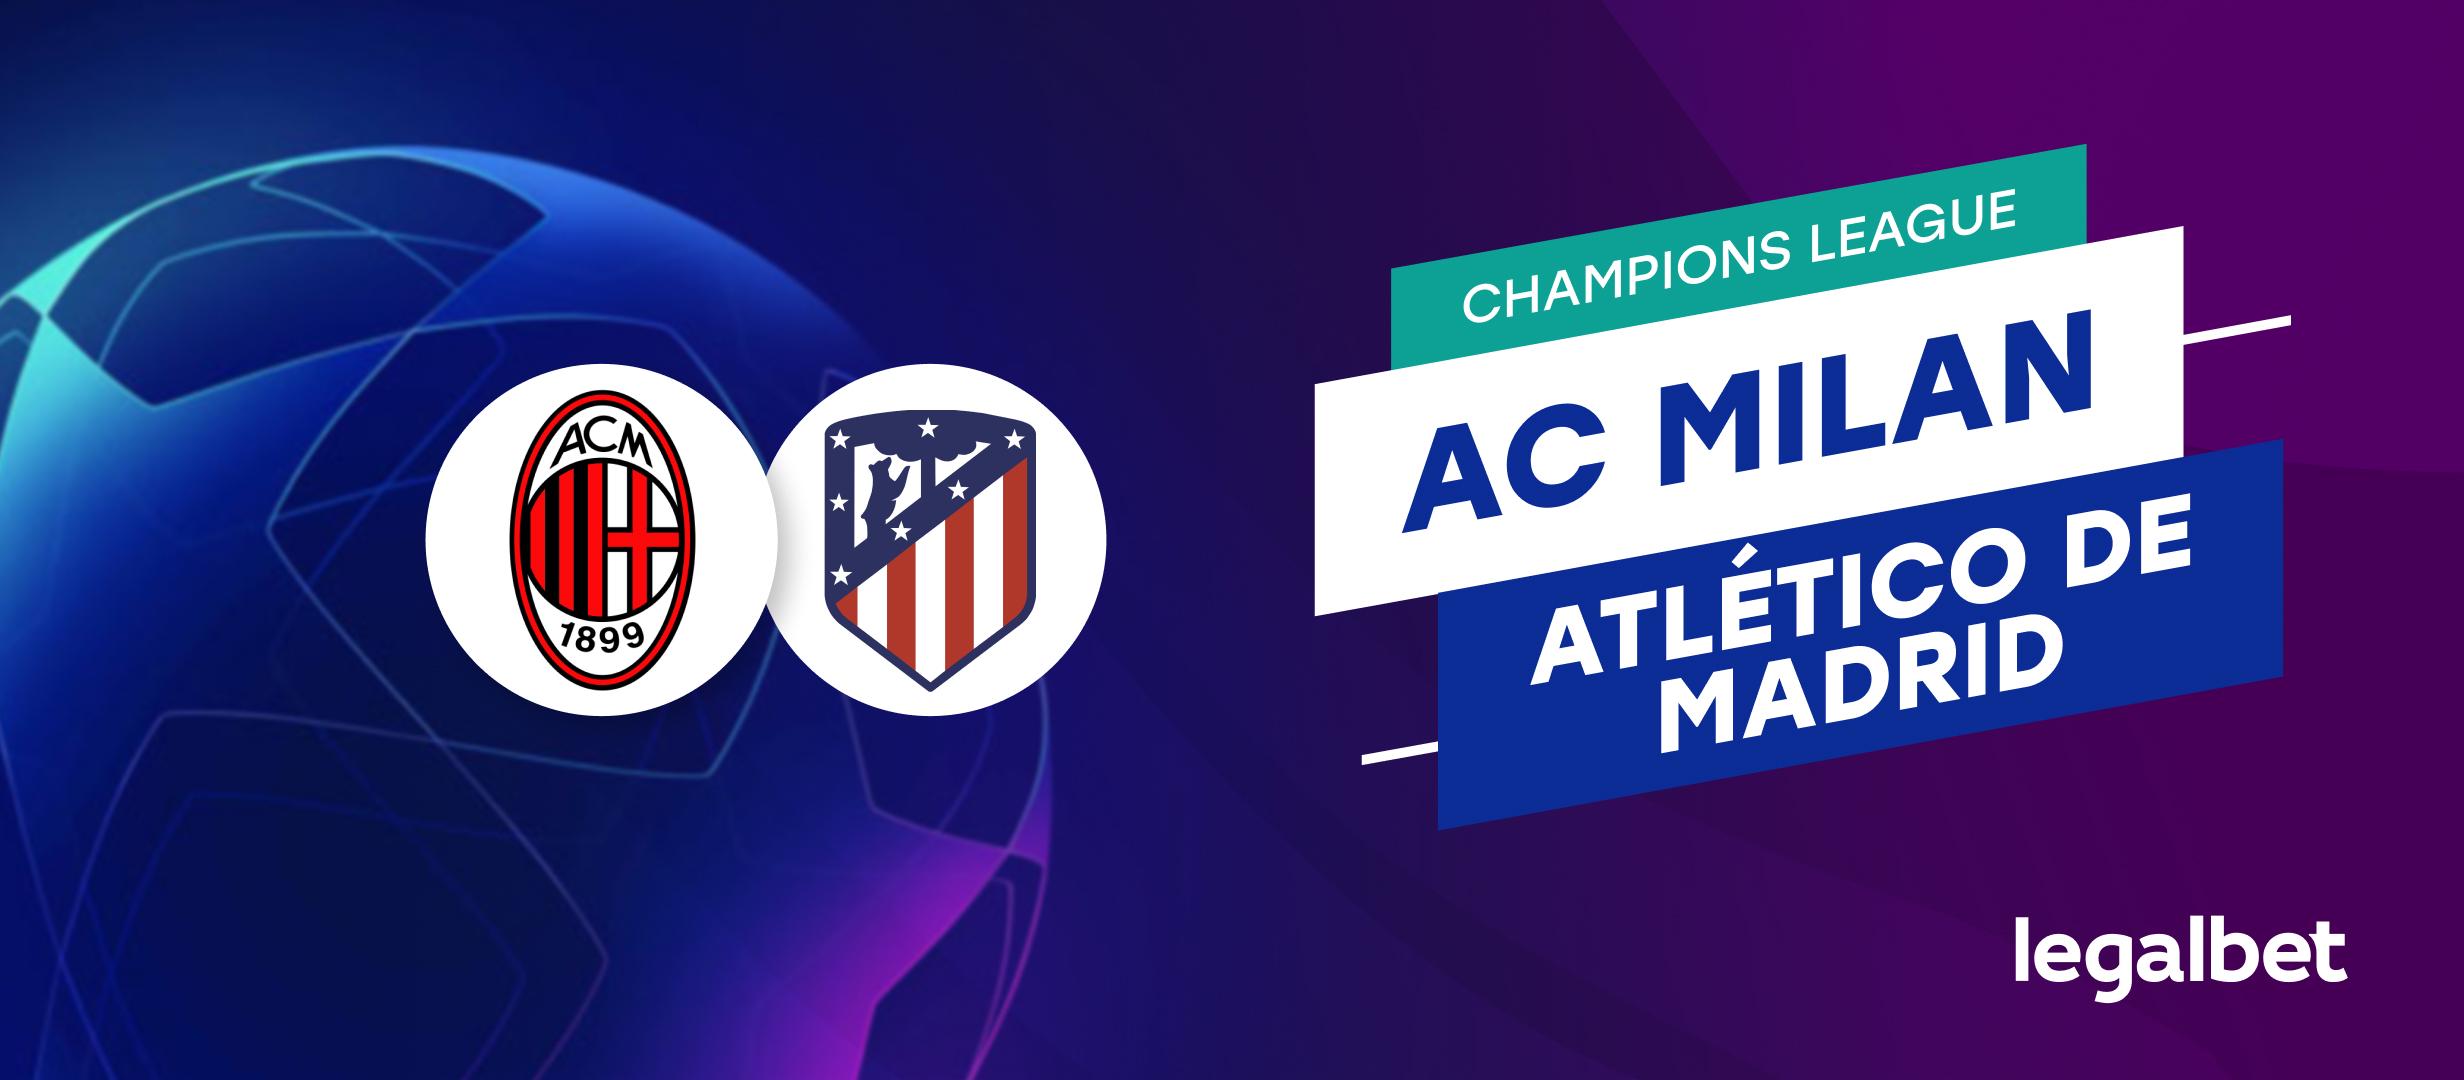 Apuestas y cuotas AC Milan - Atlético de Madrid, Champions League 2021/22